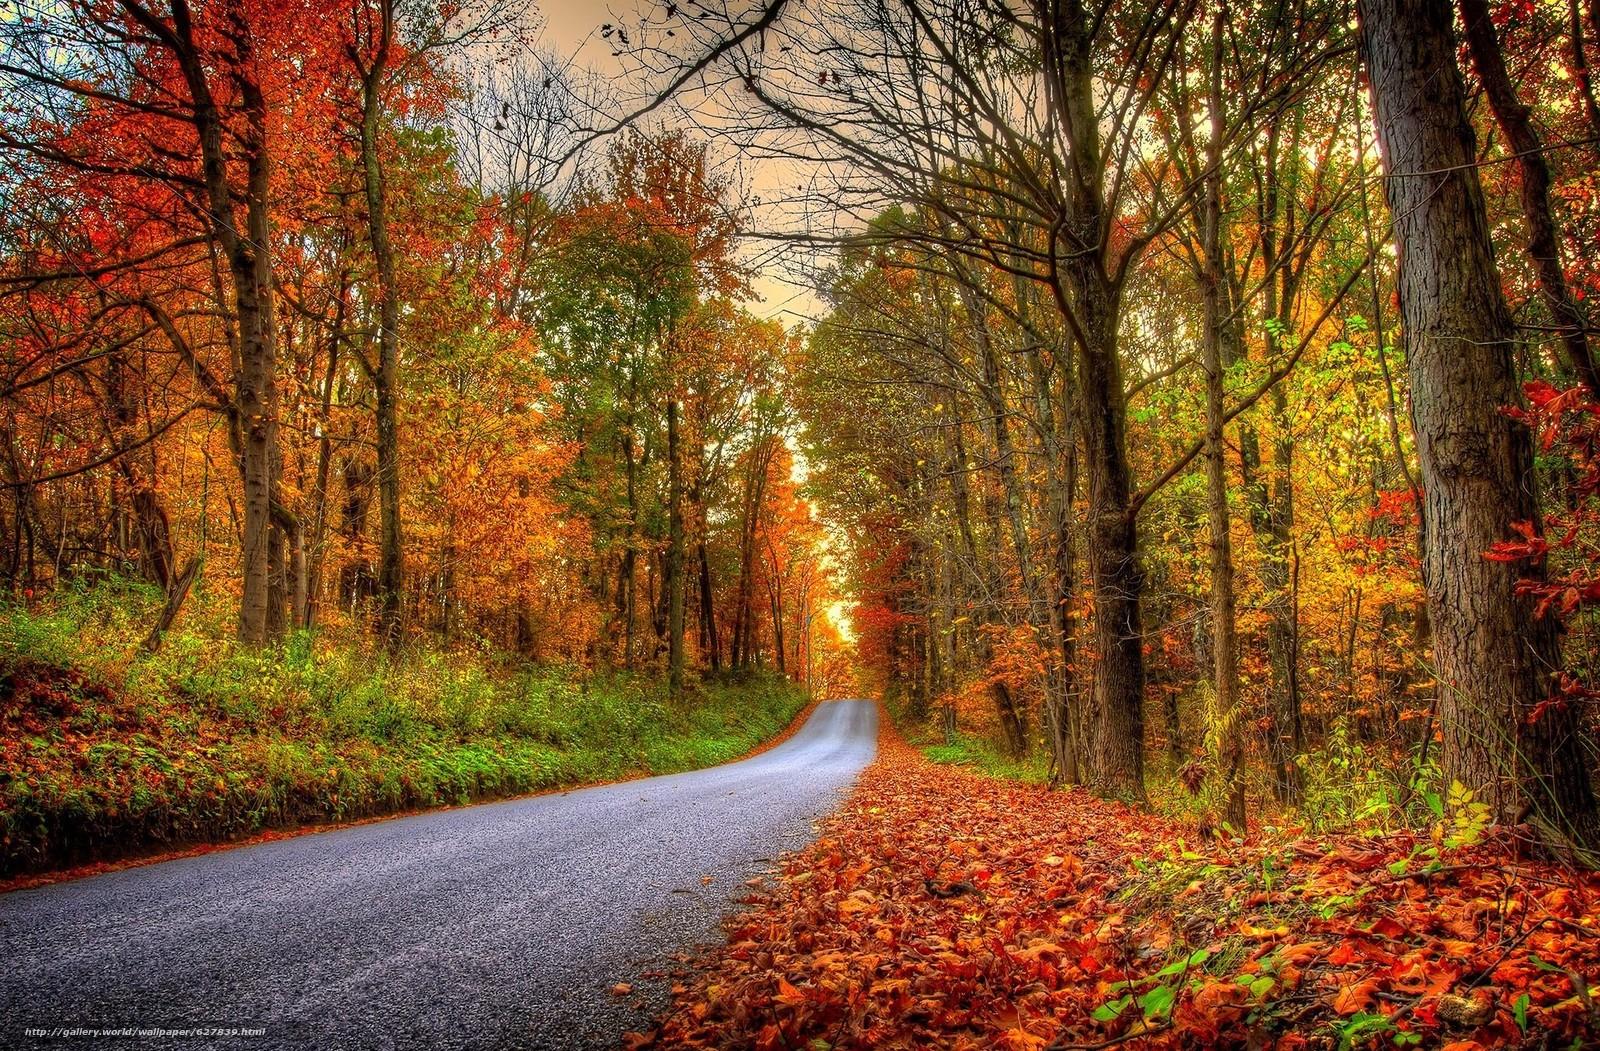 下载壁纸 秋, 道路, 森林, 公园 免费为您的桌面分辨率的壁纸 2048x